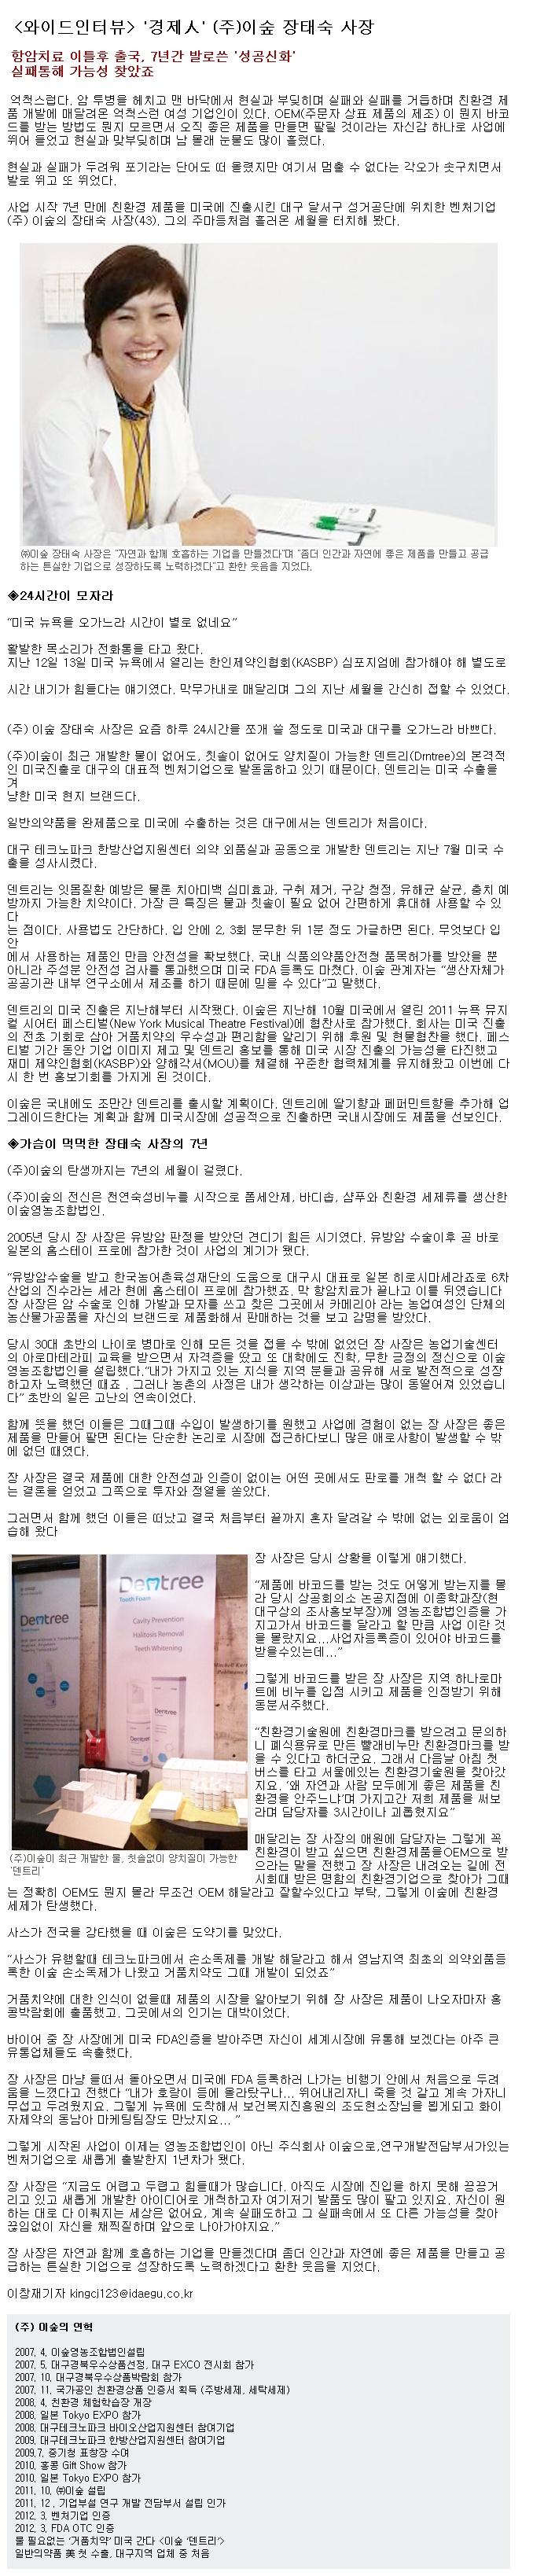 대구신문 2012년 10월 15일 기사